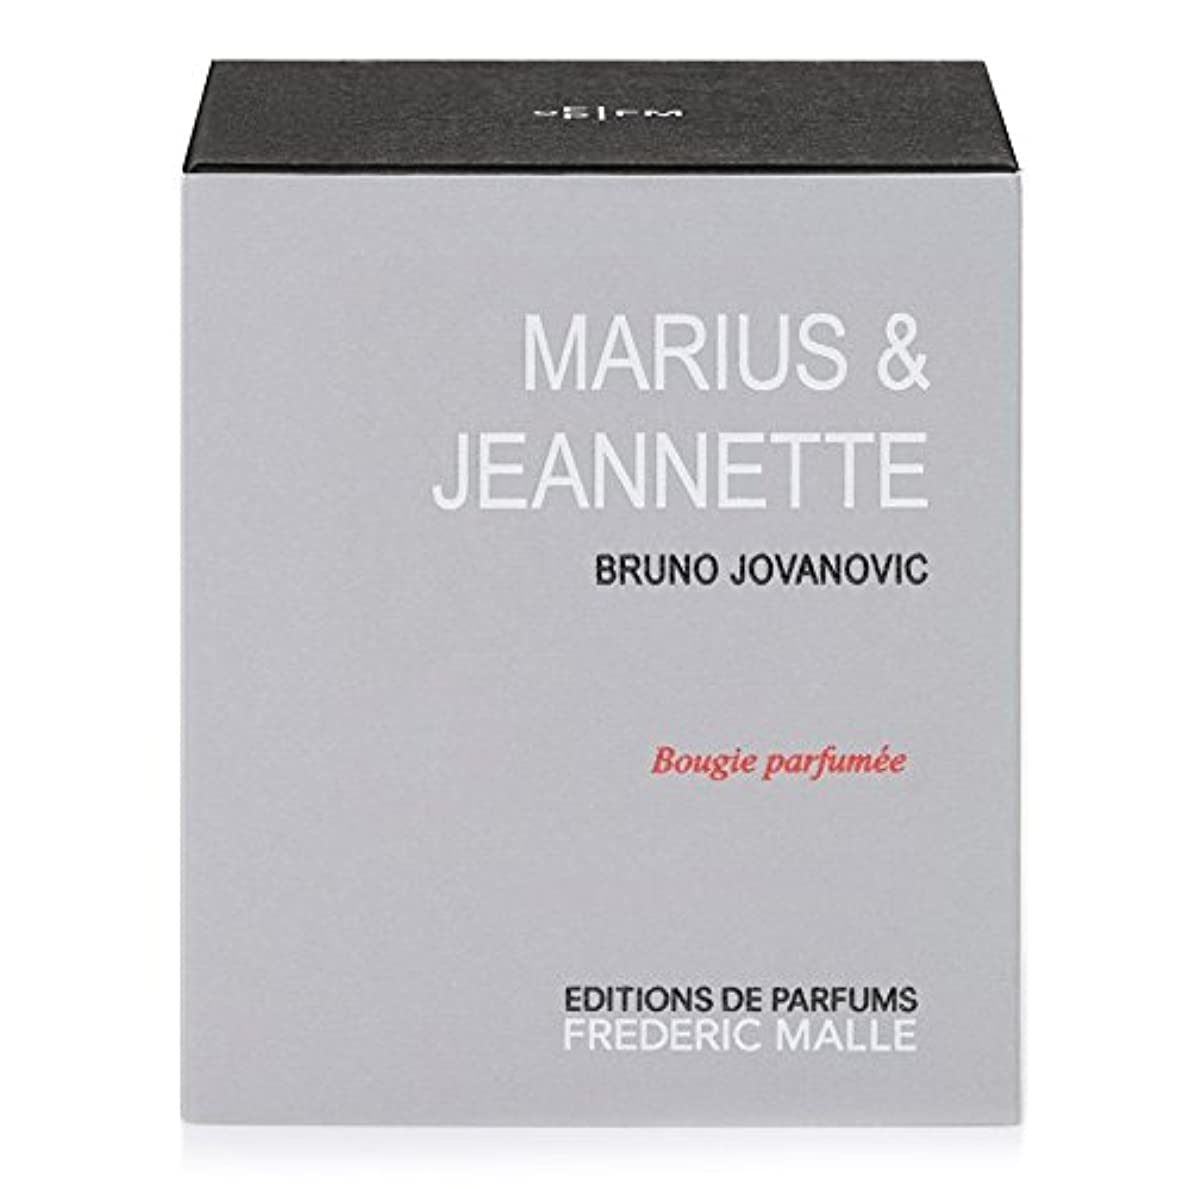 禁止吹雪実現可能性Frederic Malle Maruis and Jeanette Scented Candle (Pack of 4) - フレデリック?マル とジャネット?香りのキャンドル x4 [並行輸入品]